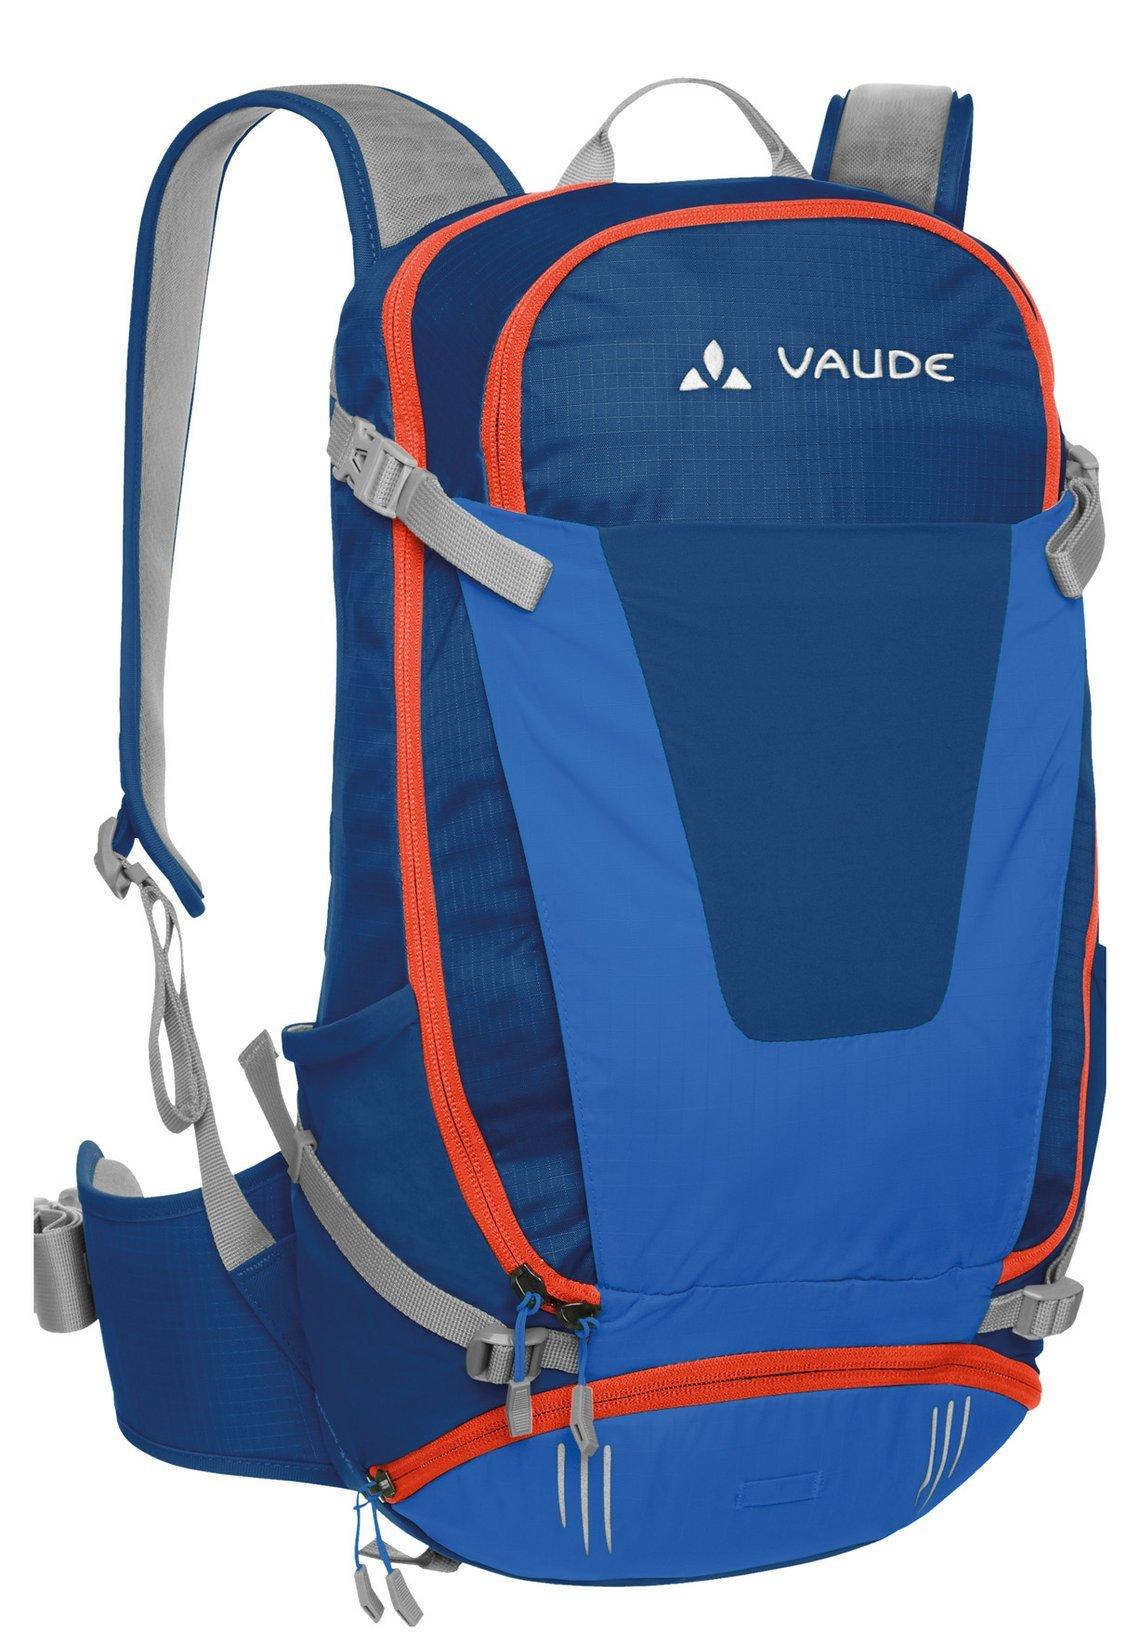 test vaude moab 20l bike rucksack. Black Bedroom Furniture Sets. Home Design Ideas